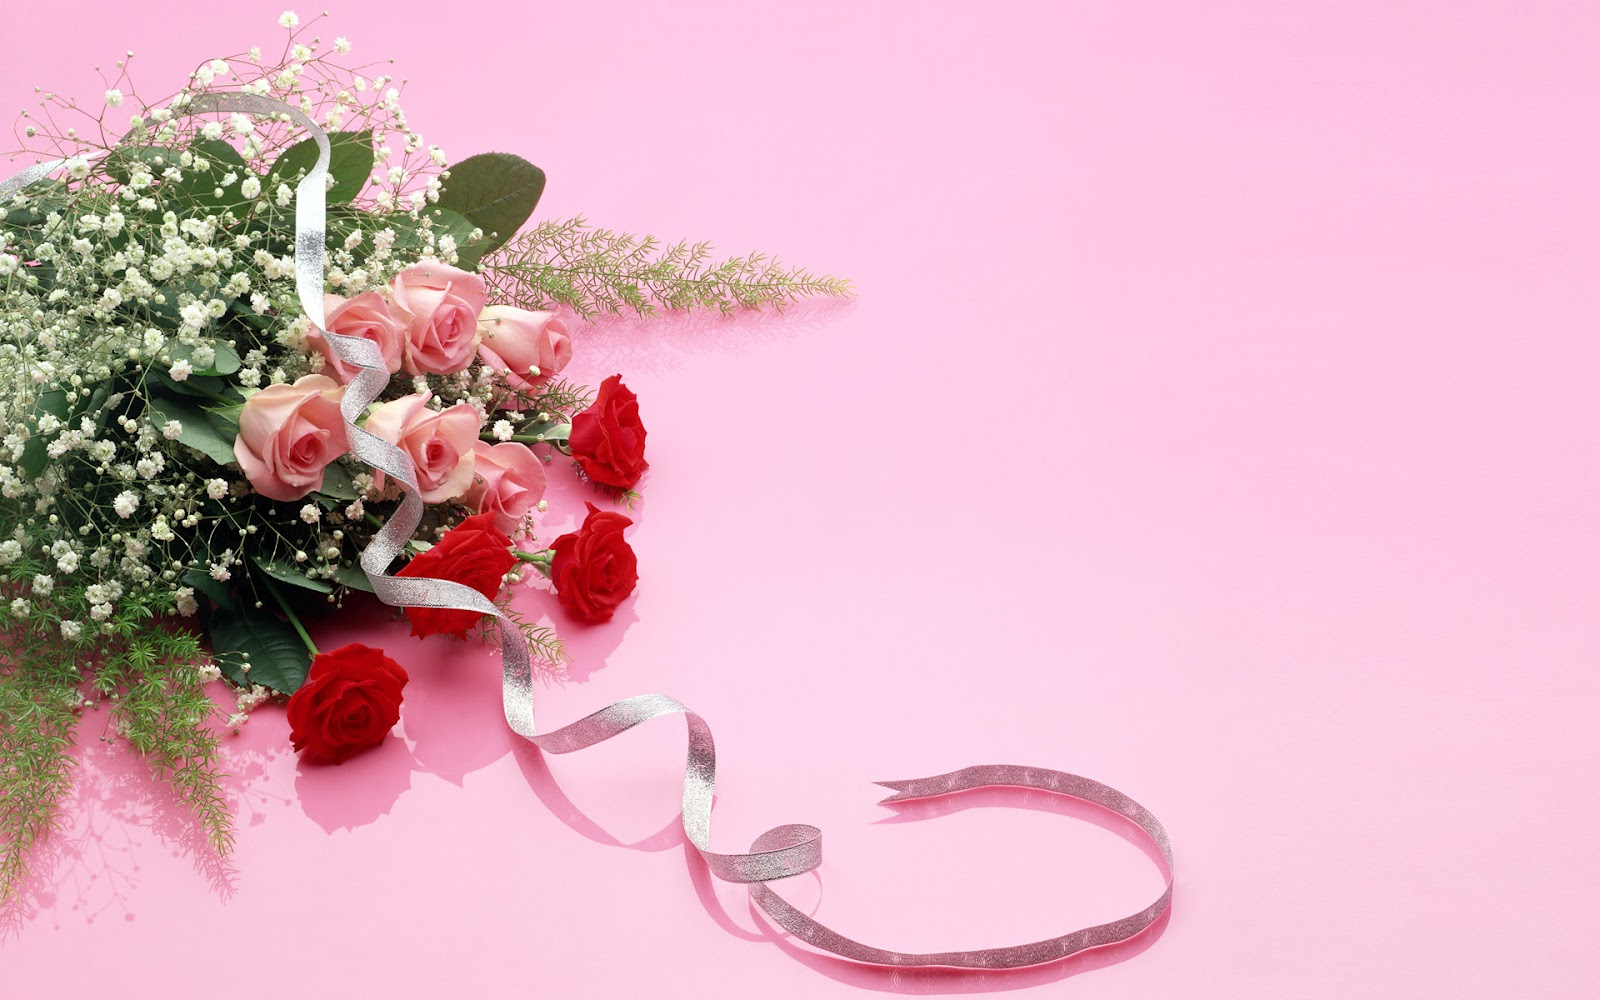 صوره اكبر مجموعة من صور الورد الرائعة